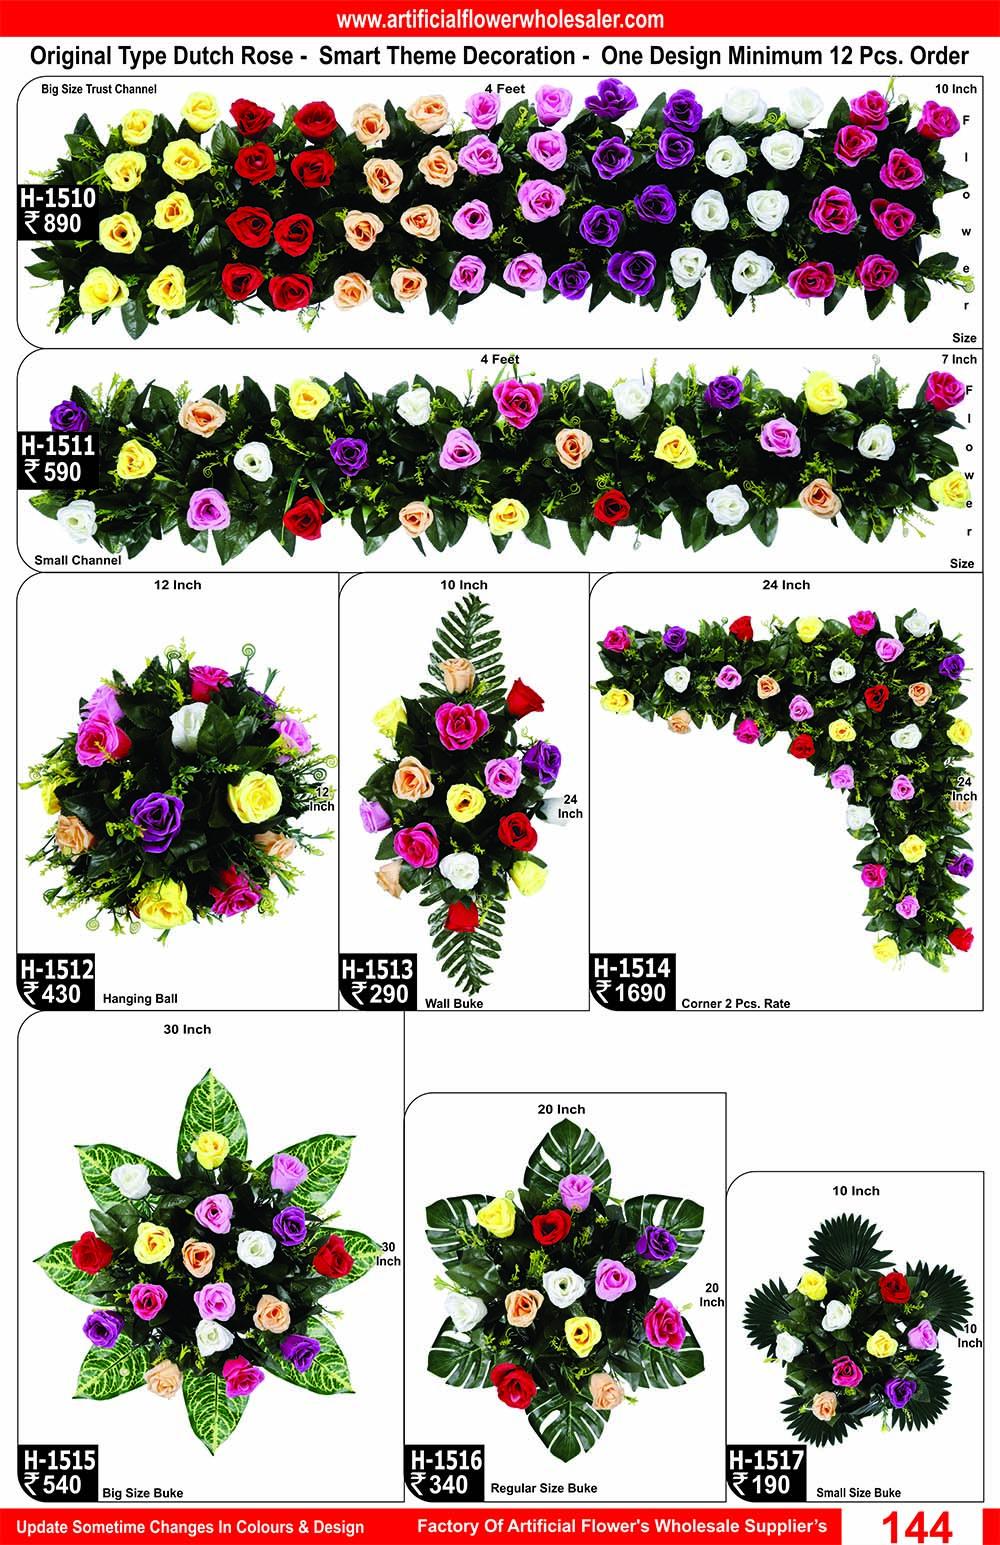 144-artificial-flower-wholesaler